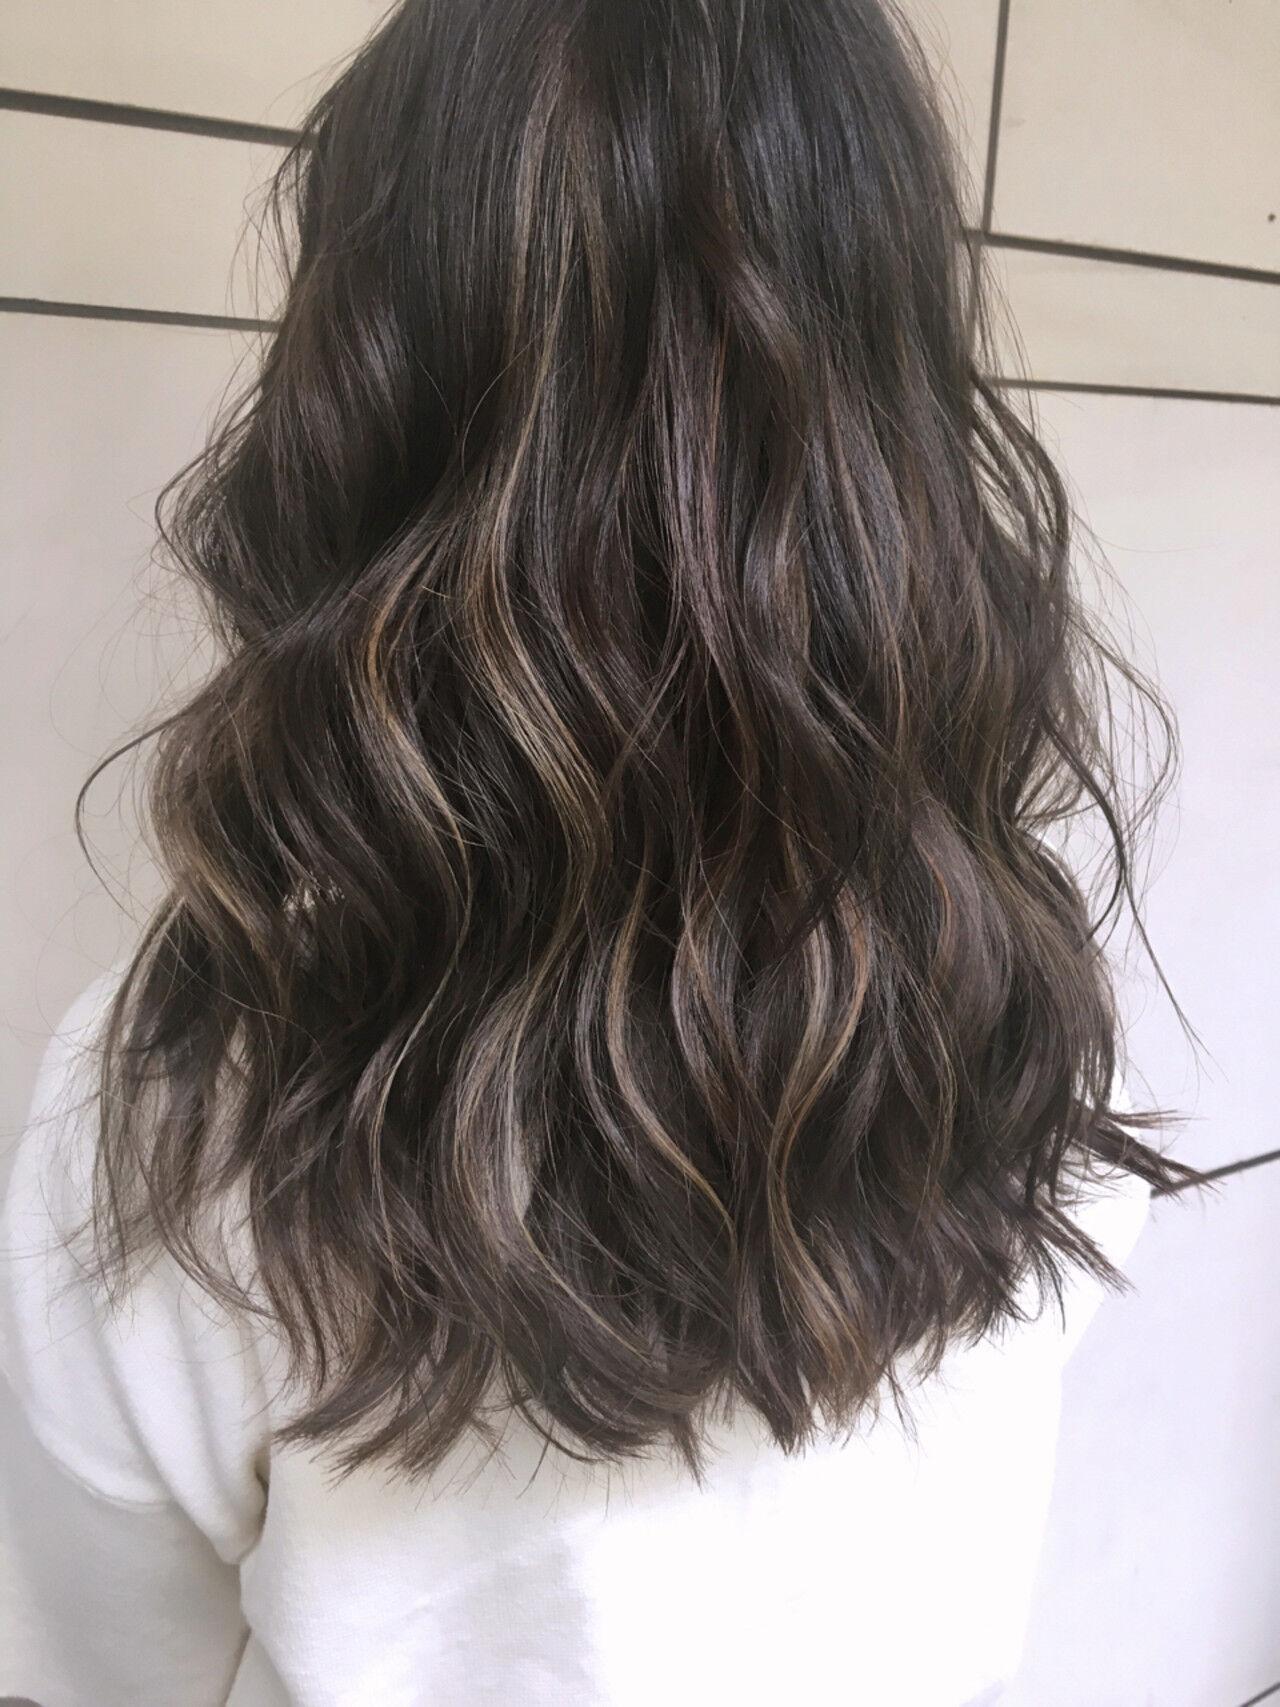 ハイライト グラデーションカラー セミロング ウェーブヘアスタイルや髪型の写真・画像